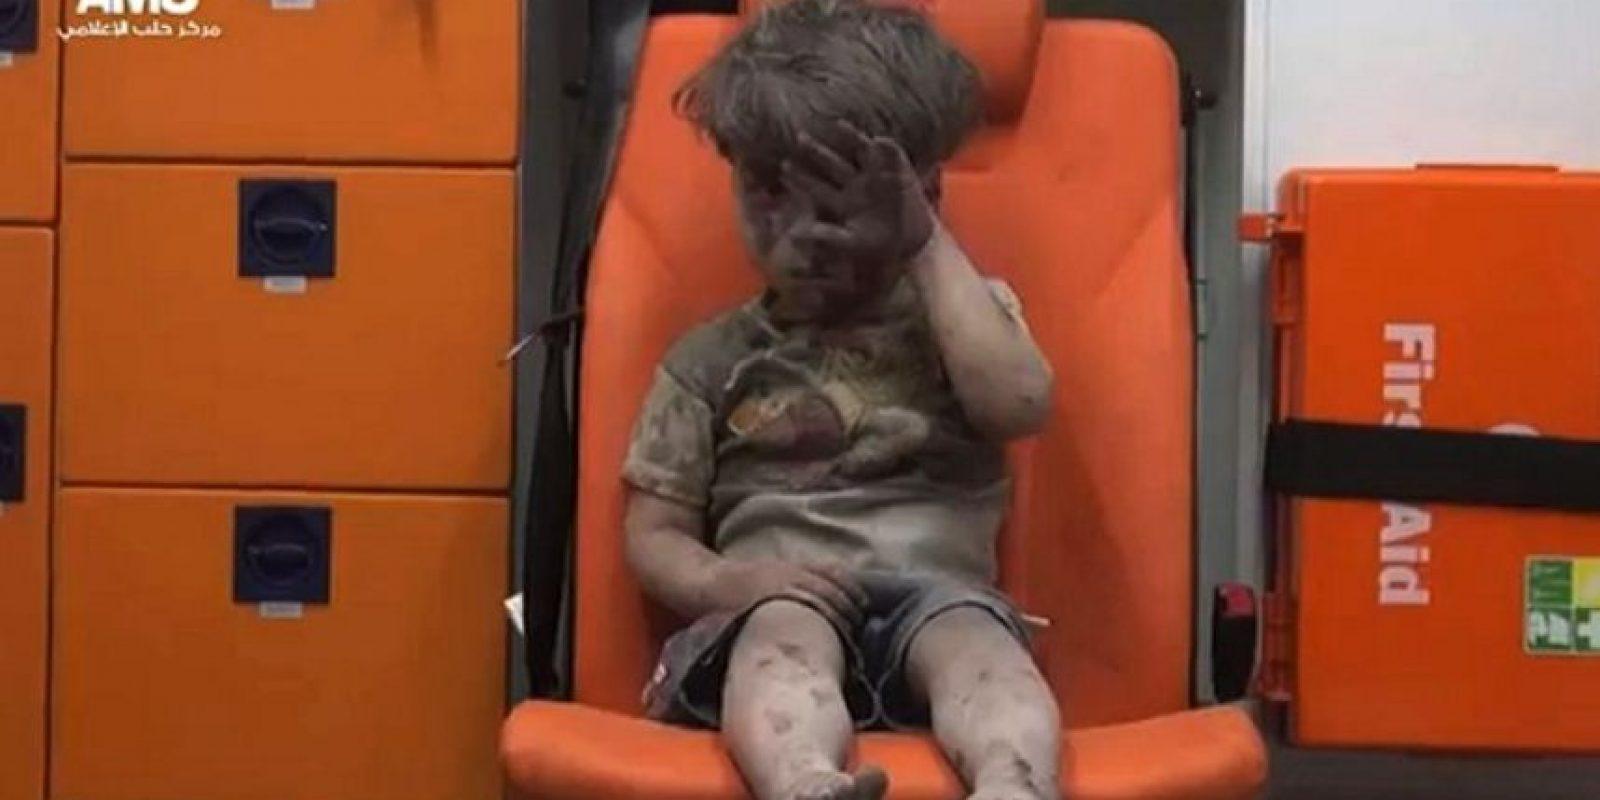 La imagen de Omran, el niño sirio rescatado de un bombardeo, le dieron la vuelta al mundo Foto:AFP